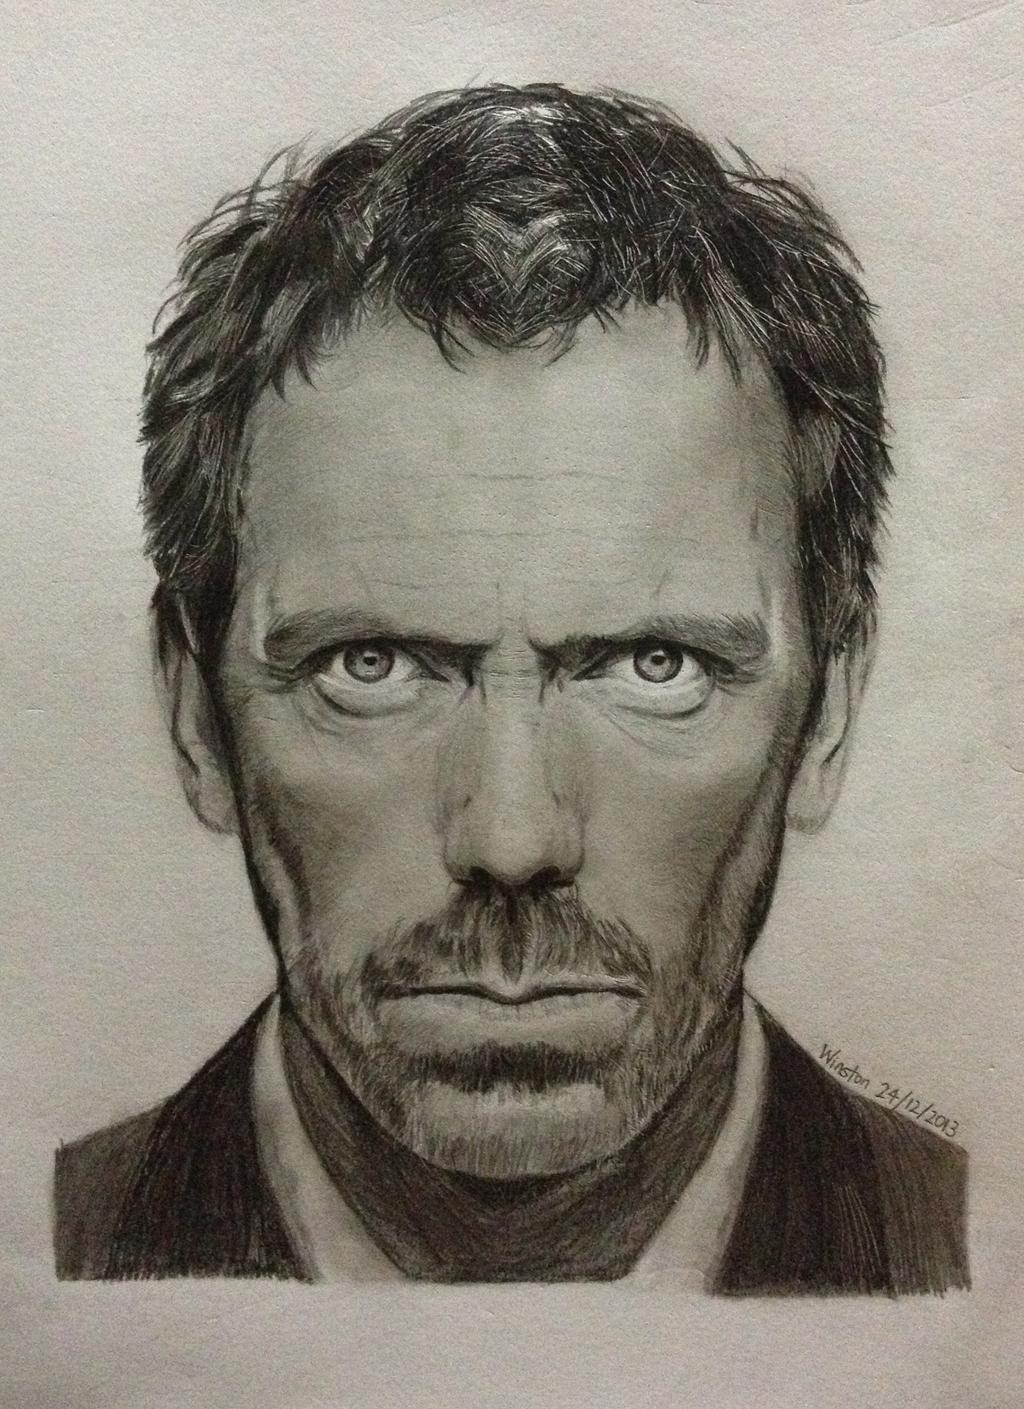 Drawn portrait hugh laurie (15 Dr  2013) 2013)